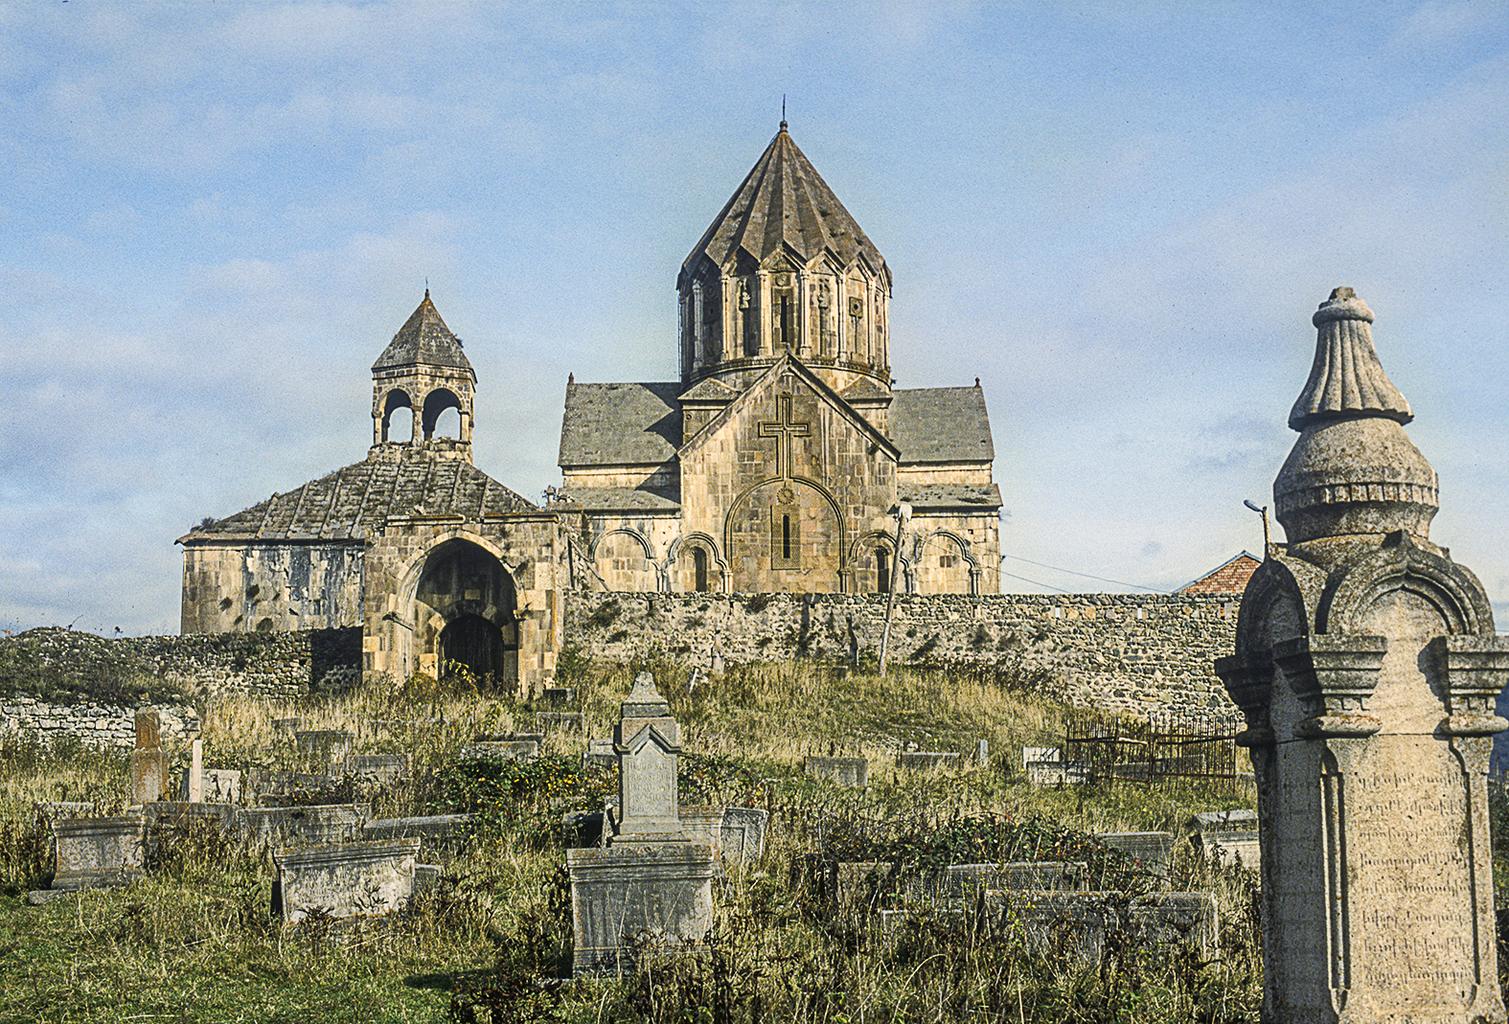 Gandzaszar kolostor a 13. századból. Az örmények számára az egyik legszentebb hely Karabahban, vagyis nekik Arcahban #moszkvater